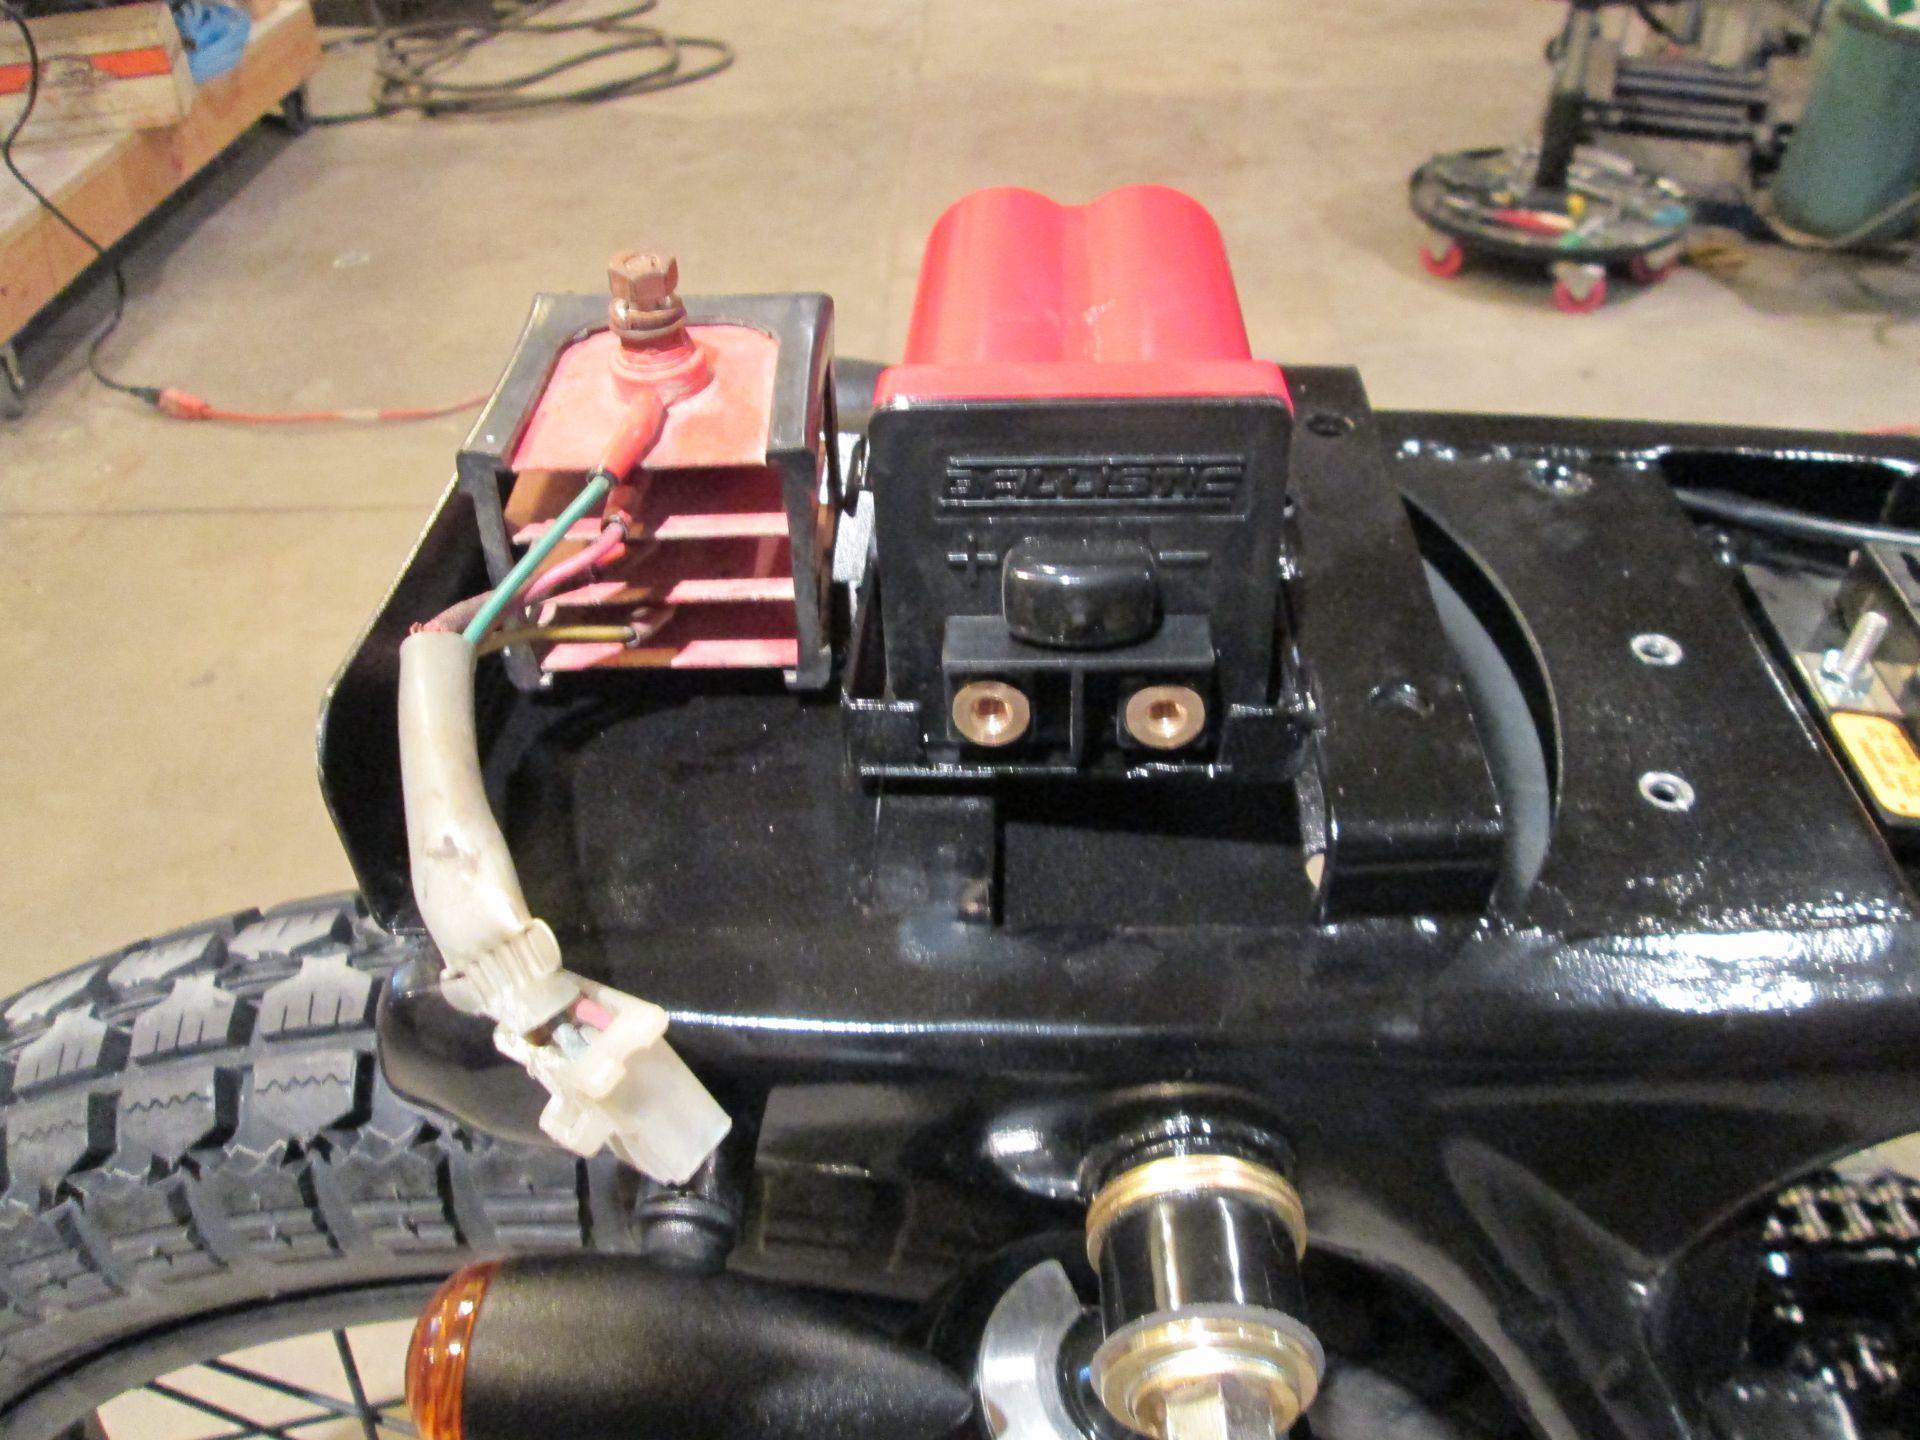 21318d1360784355 1971 honda cb350 cafe wiring questions img_0355 1971 honda cb350 cafe wiring questions 1971 honda cb350 wiring diagram at n-0.co